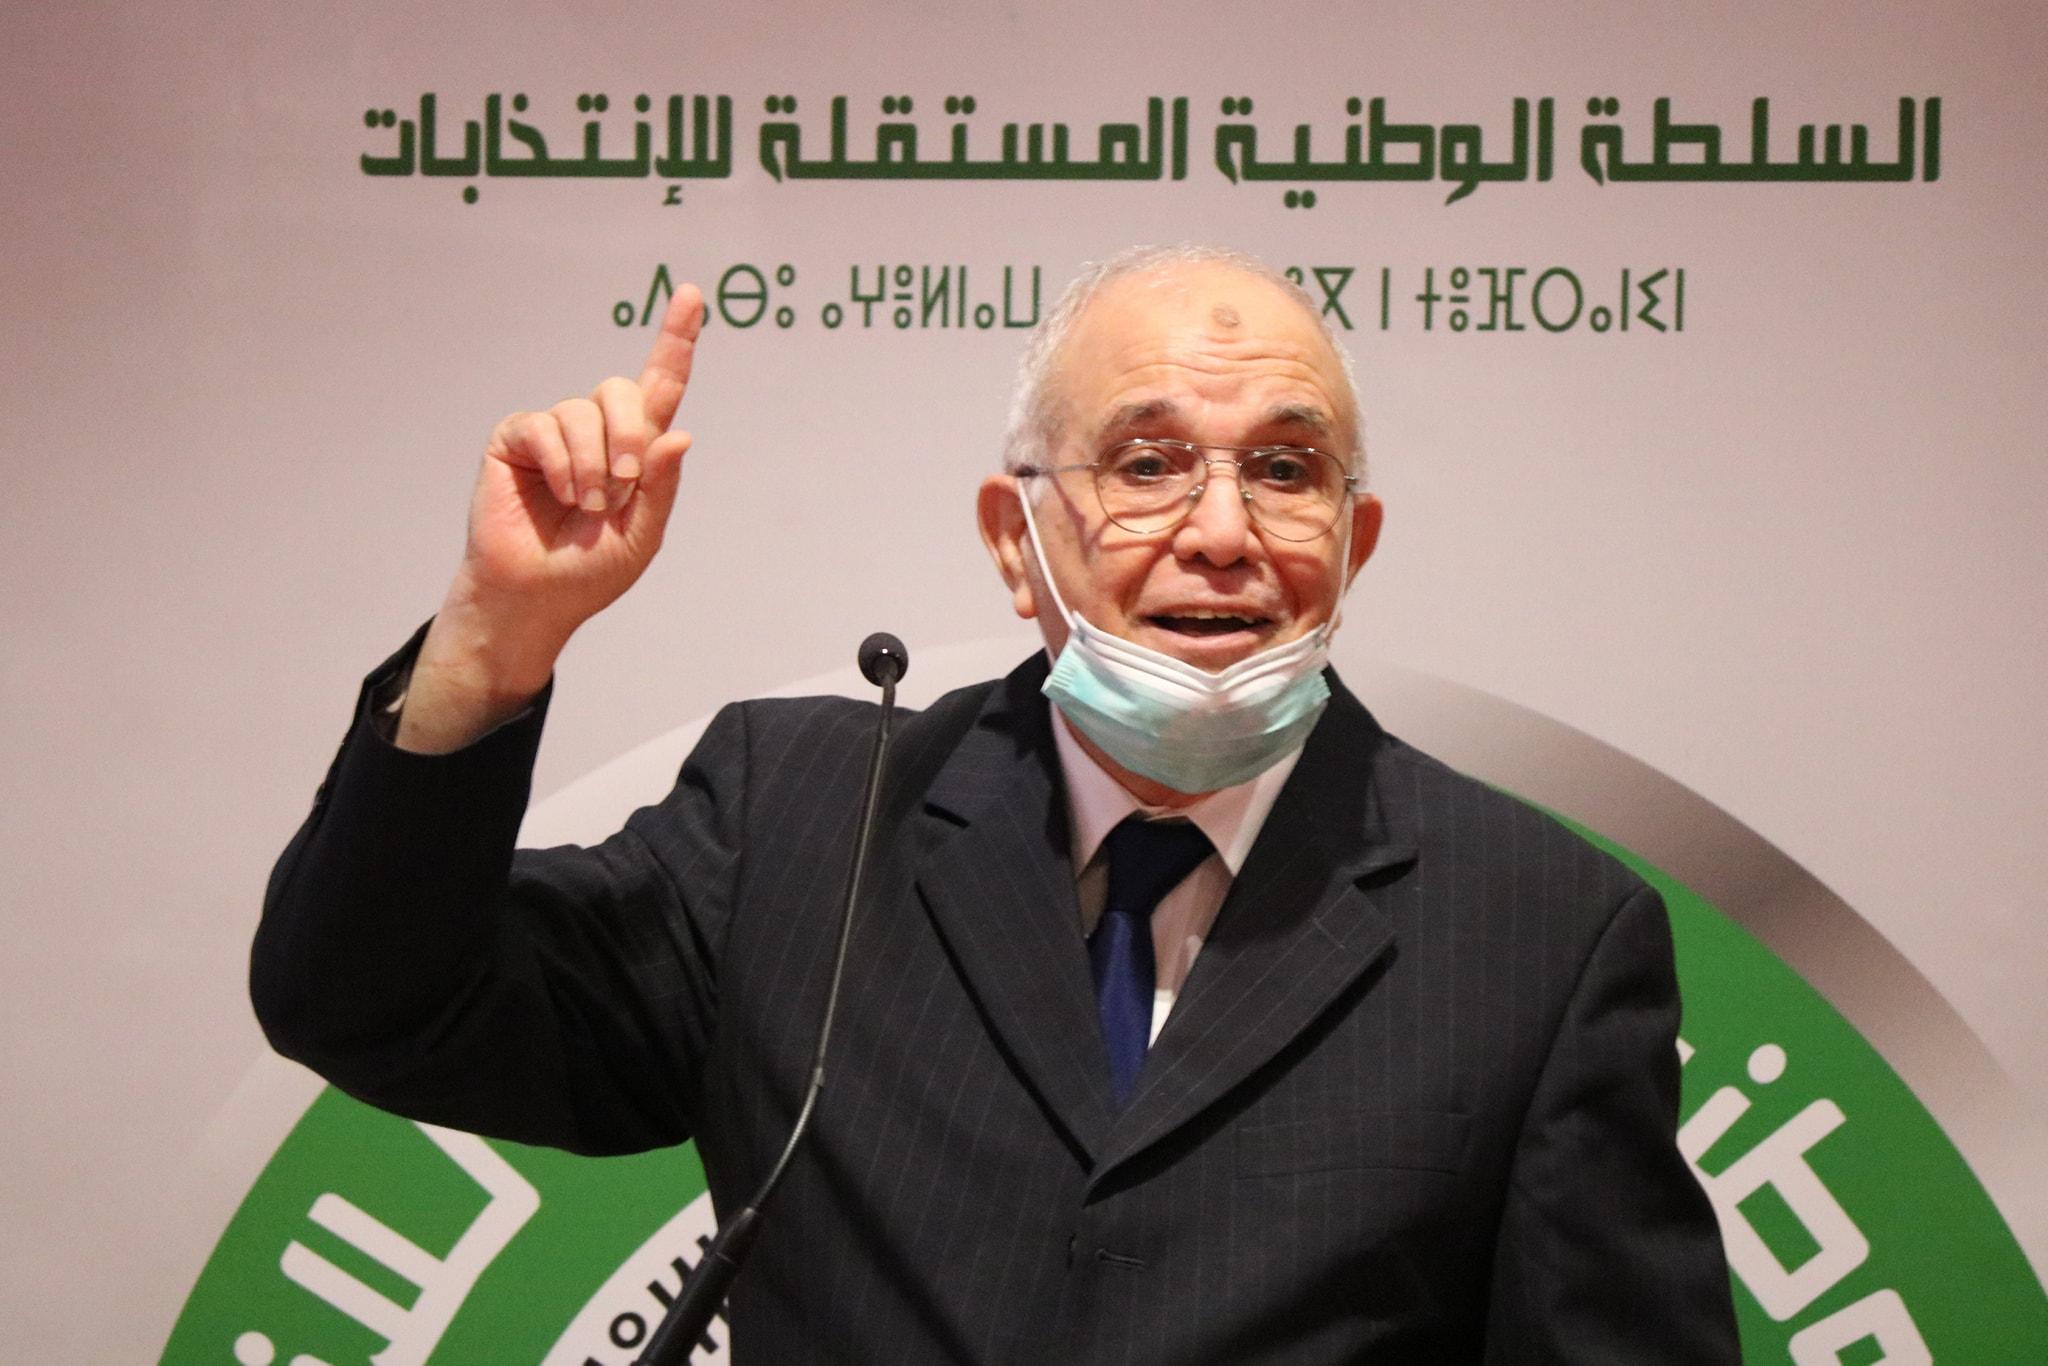 شرفي يستقبل رؤساء الأحزاب السياسية يوم الأحد